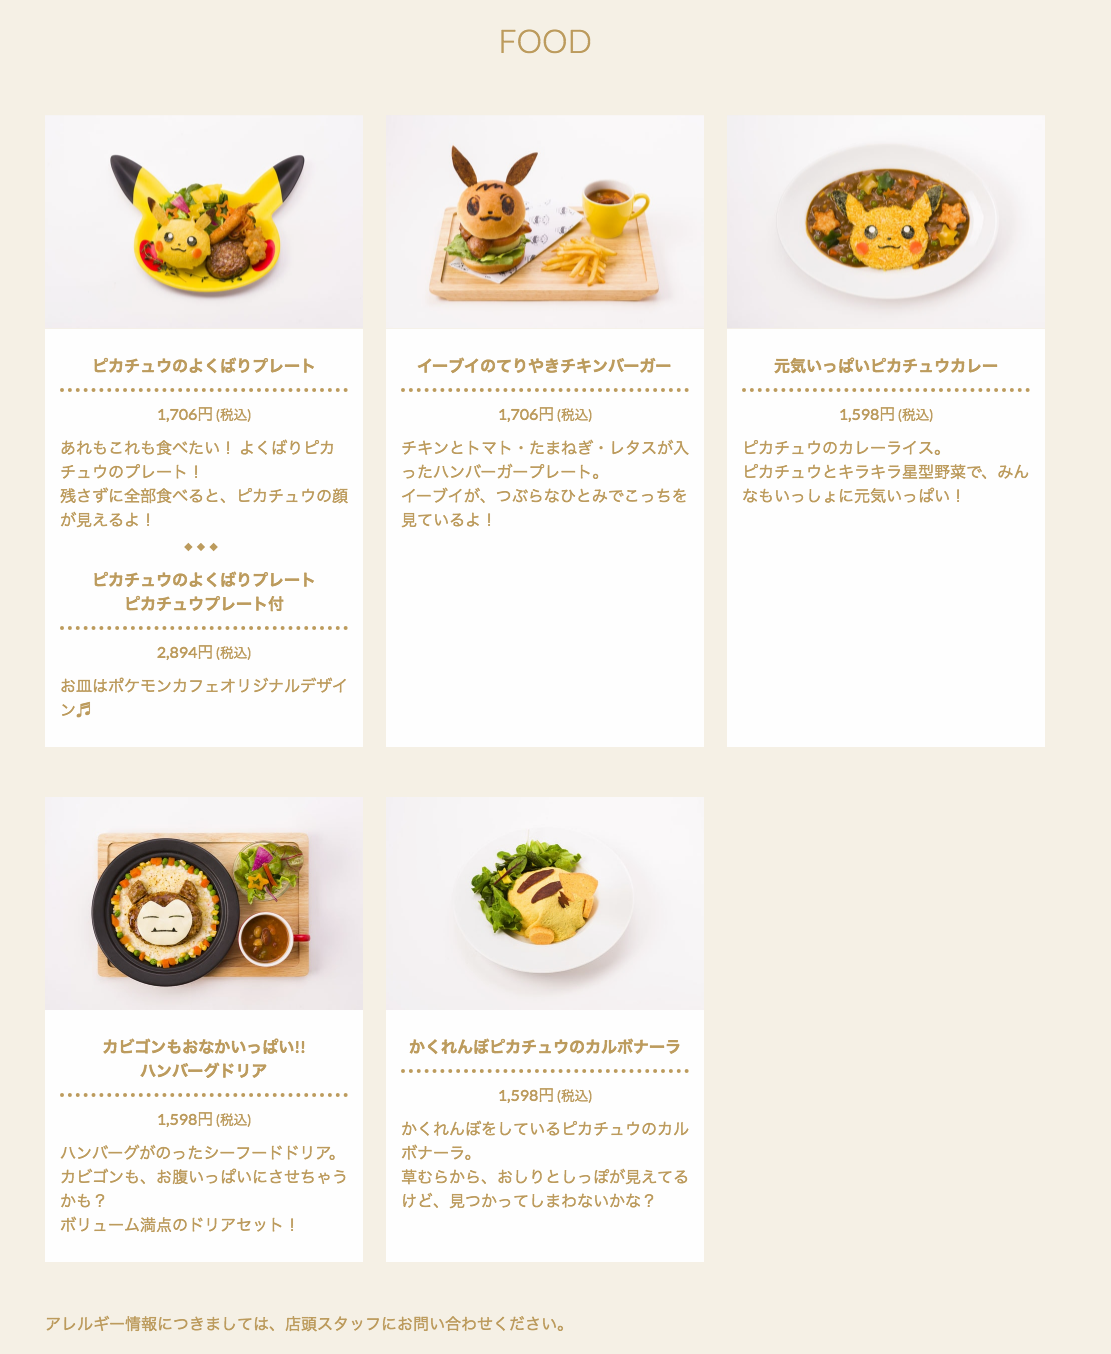 screencapture-pokemoncenter-online-cafe-menu-2018-09-07-09_10_45.png